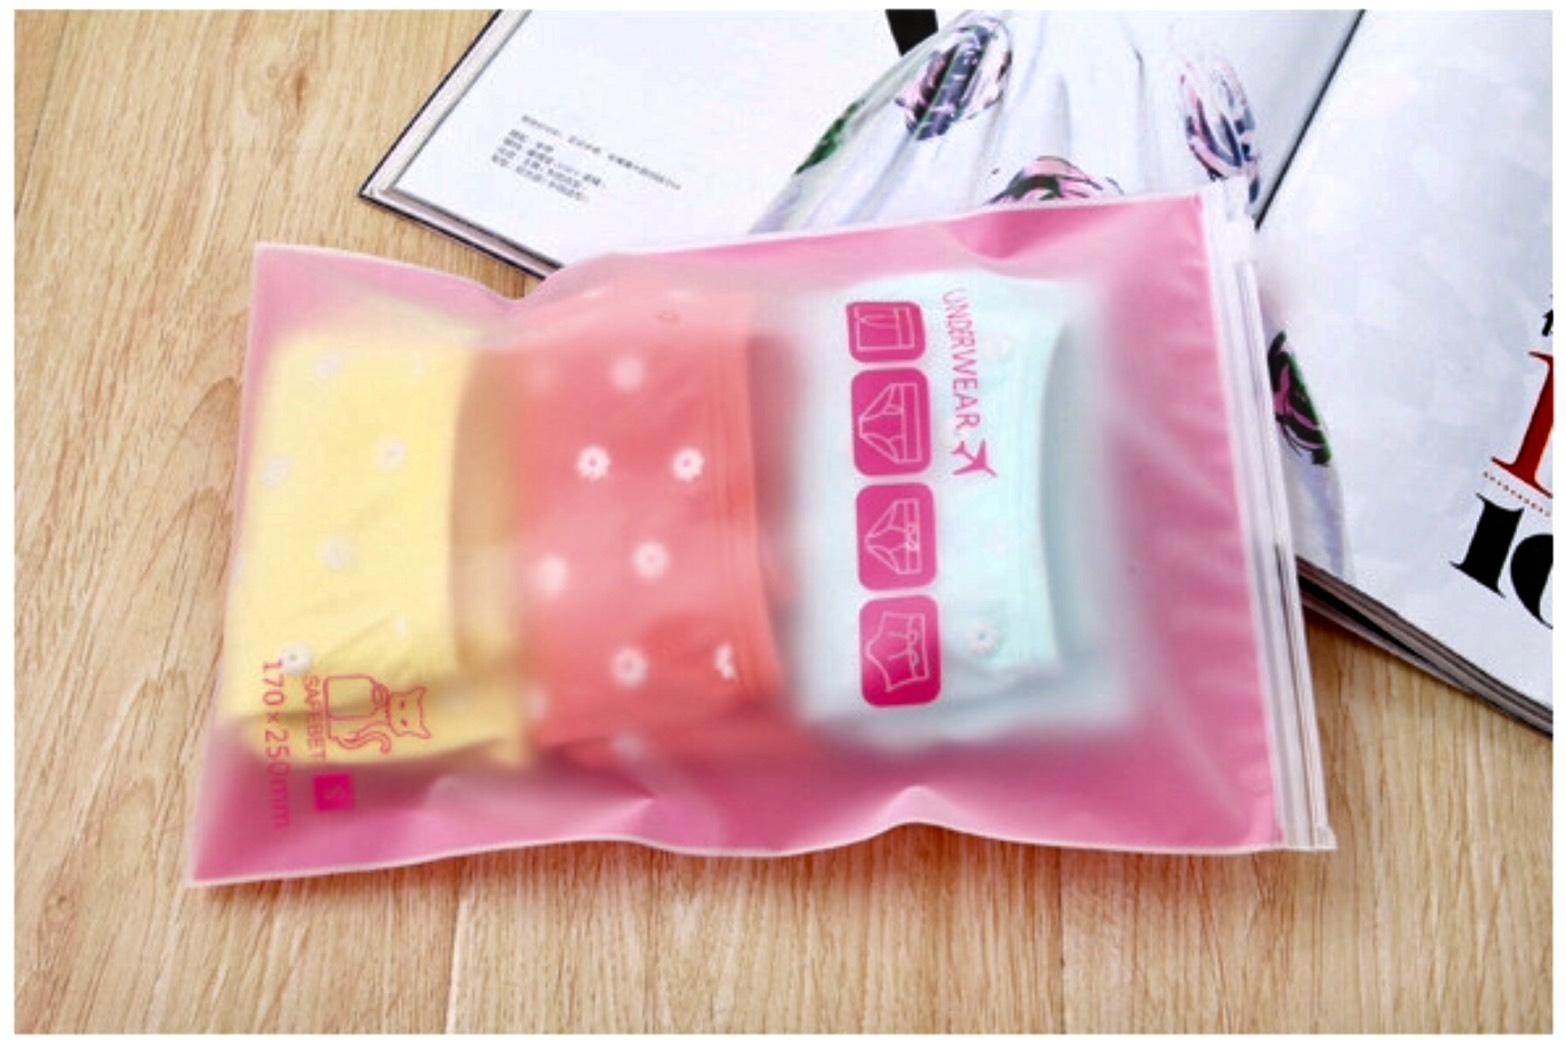 Free Gift 1 ชิ้น เมื่อซื้อสินค้าครบ 2500 บาท ^_^